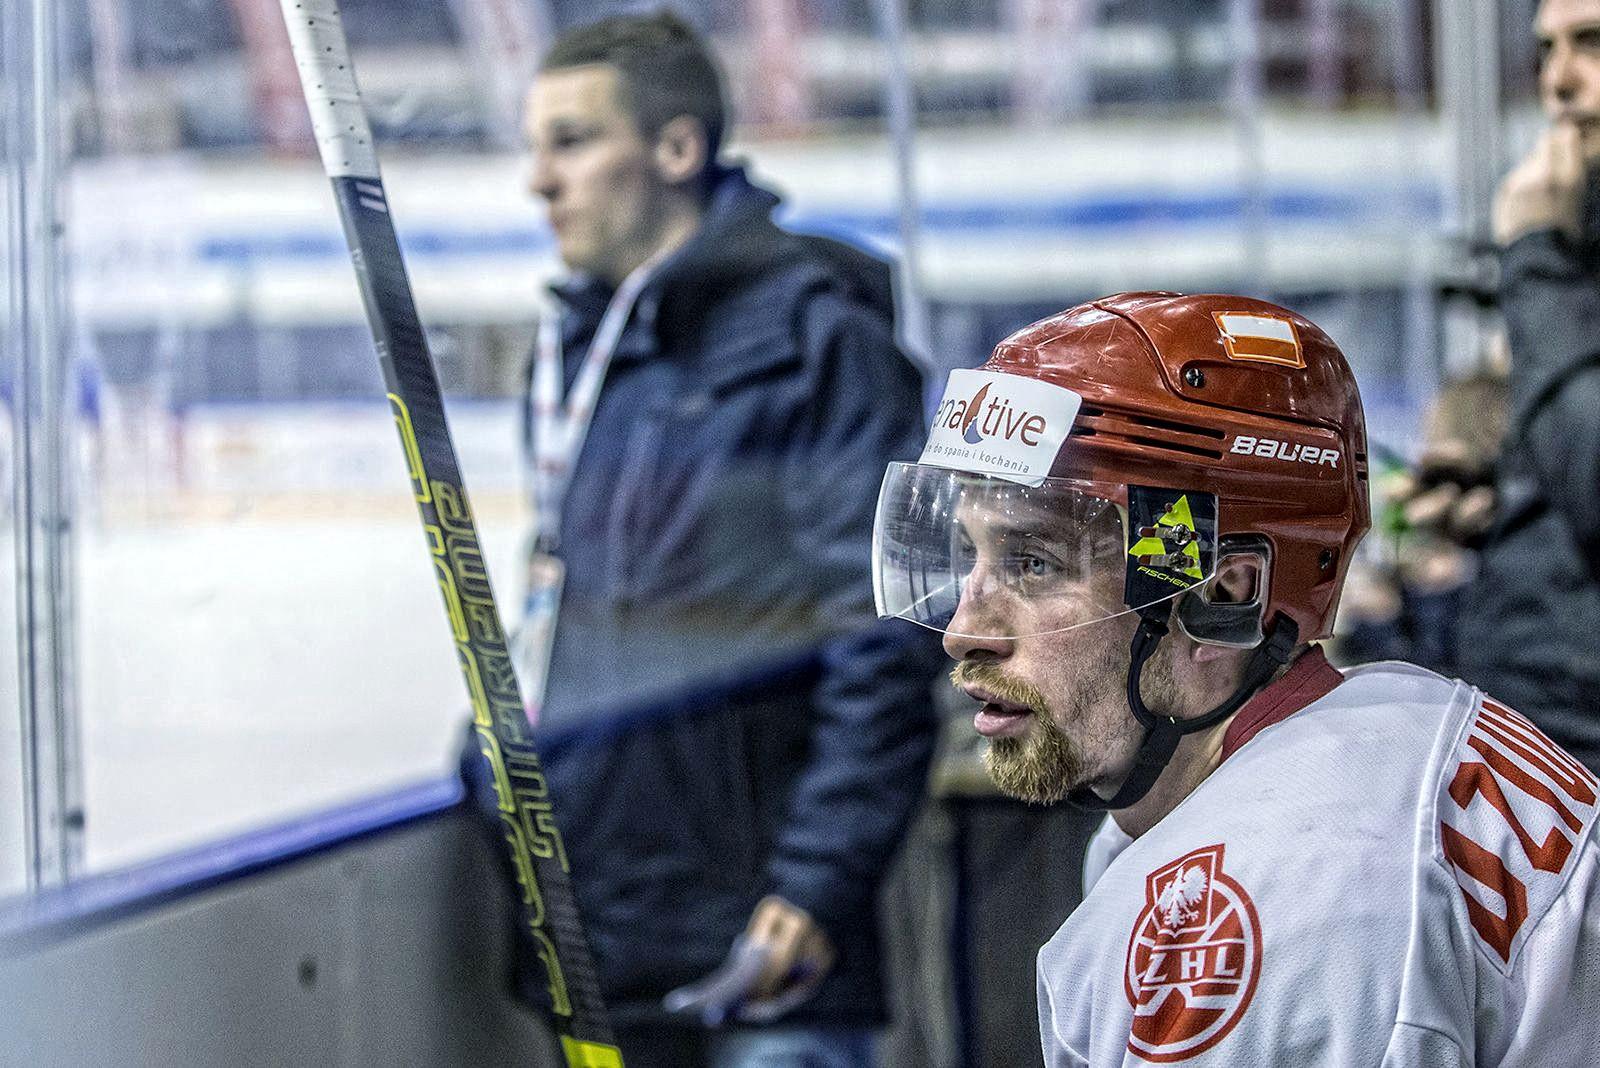 reprezentacja polski w hokeju008